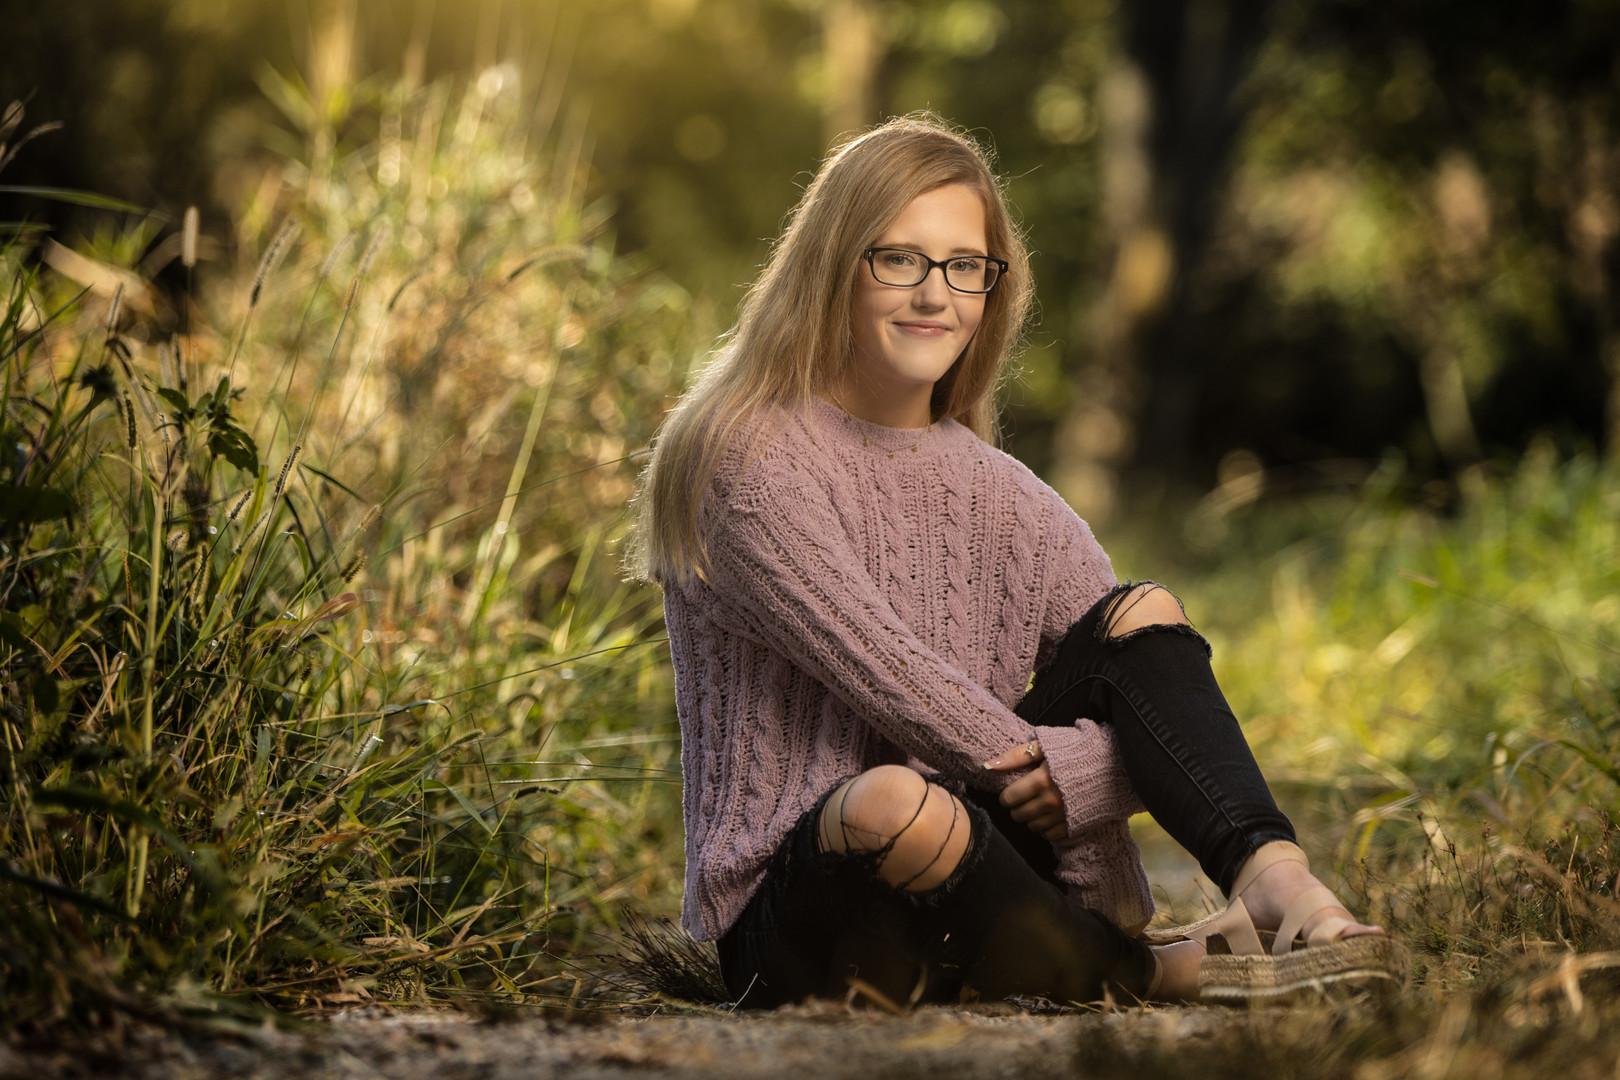 Omaha Senior Girl